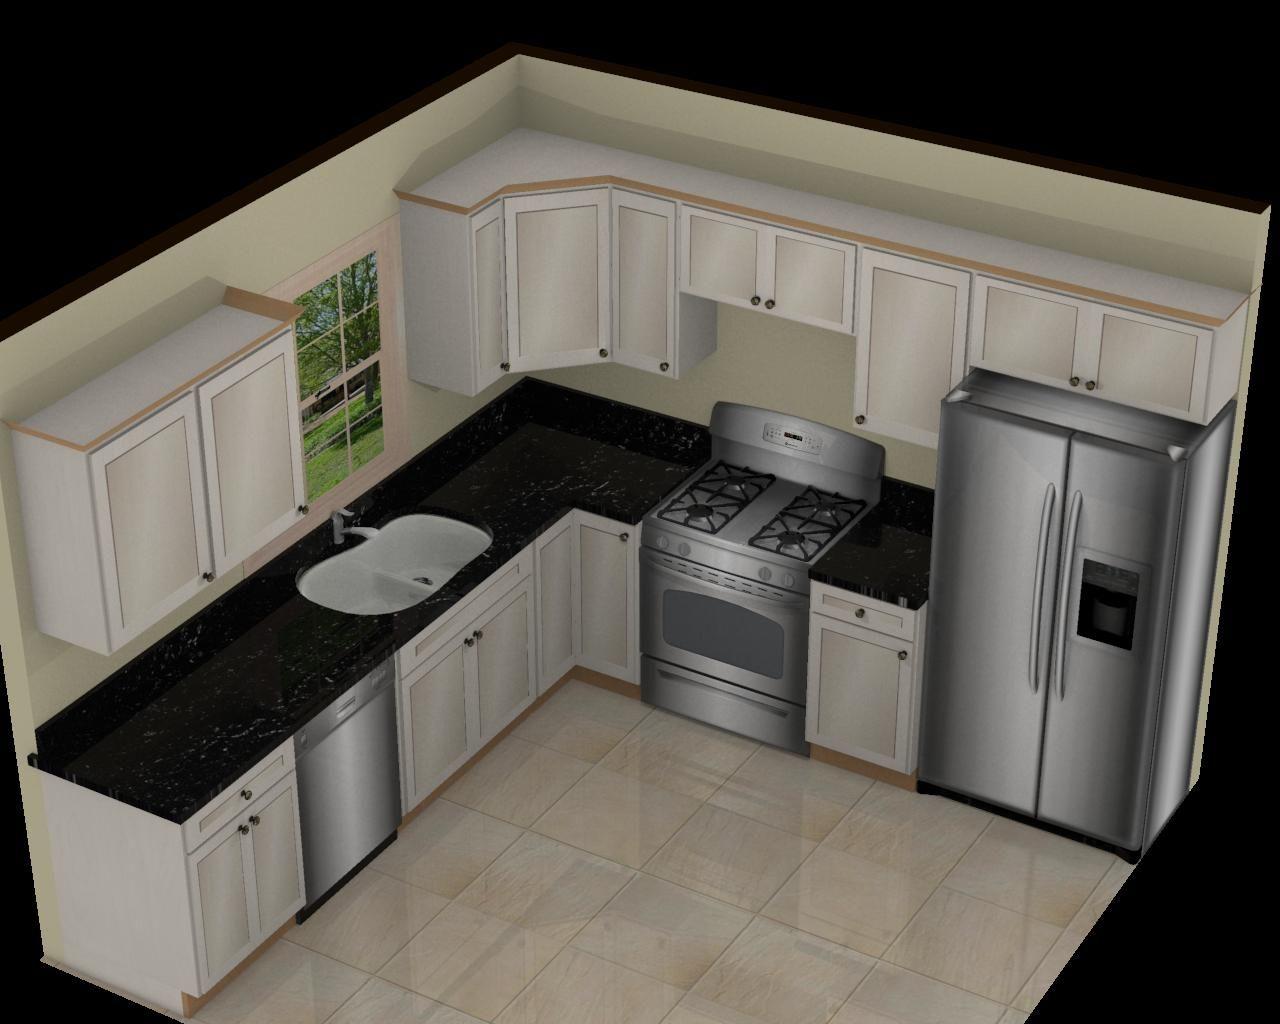 similar to original design; get rid of window & long pantry, add